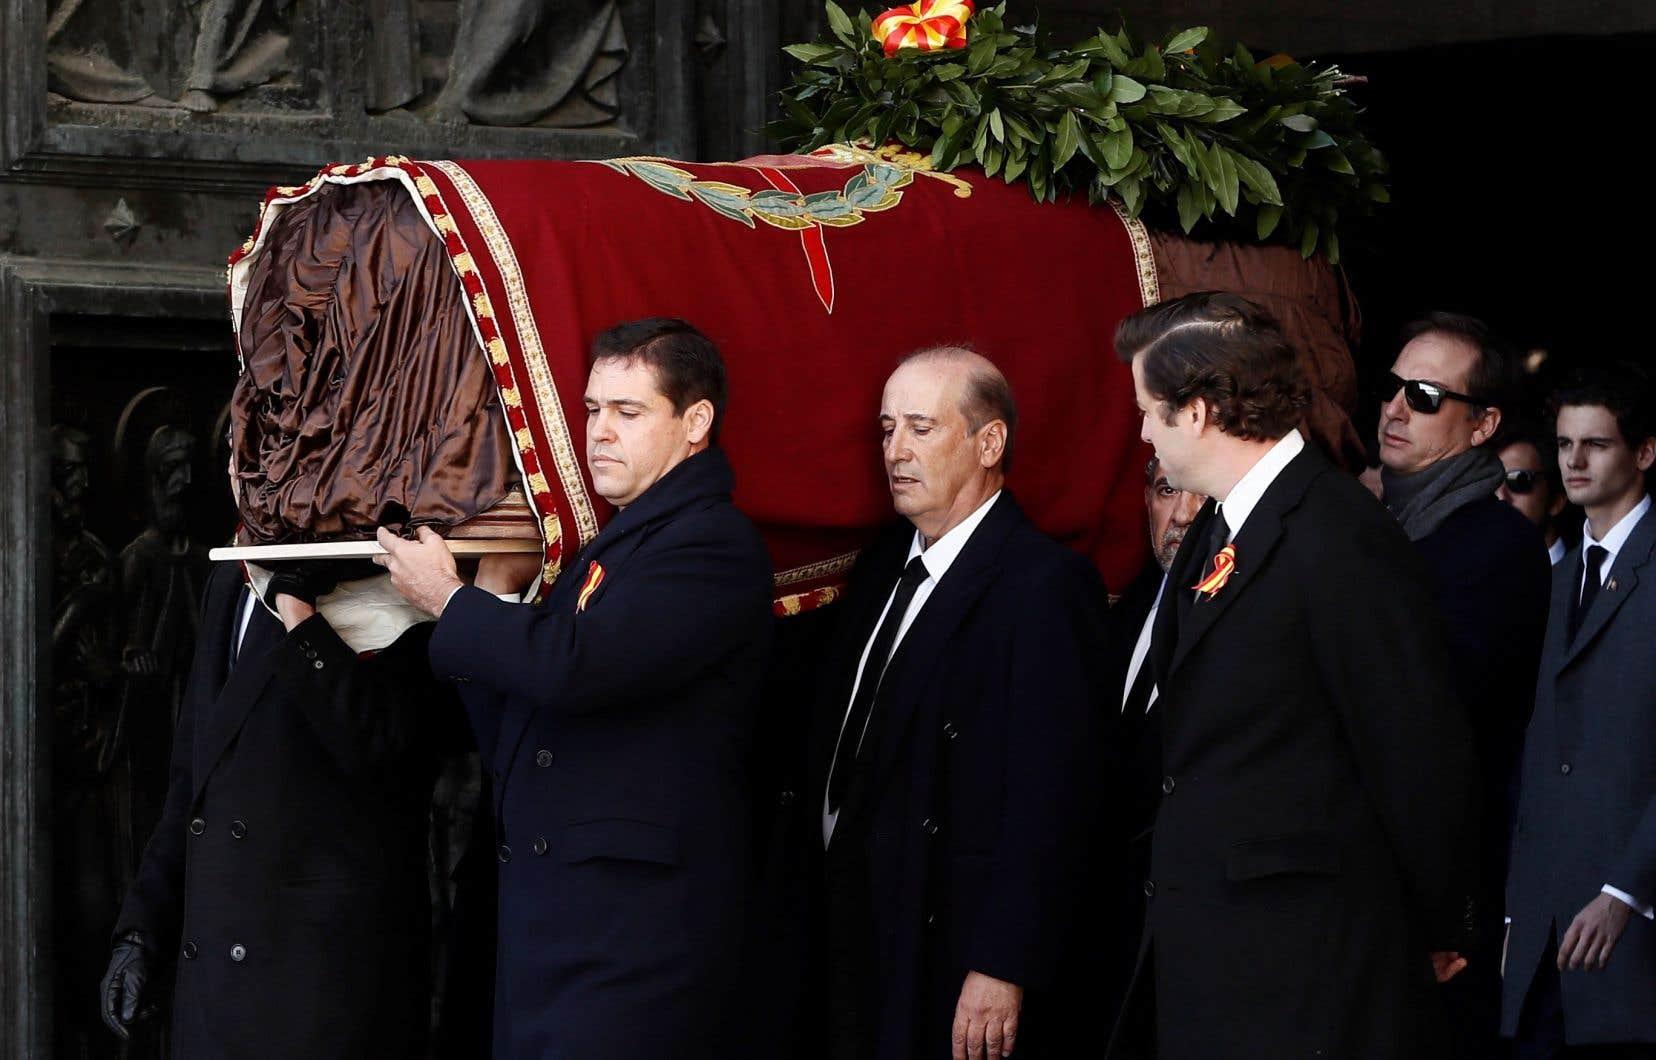 Peu avant 13h, le cercueil du dictateur a été sorti de l'imposante basilique creusée dans la roche du mausolée du <em>Valle de los Caidos</em>, porté par huit membres de sa famille.